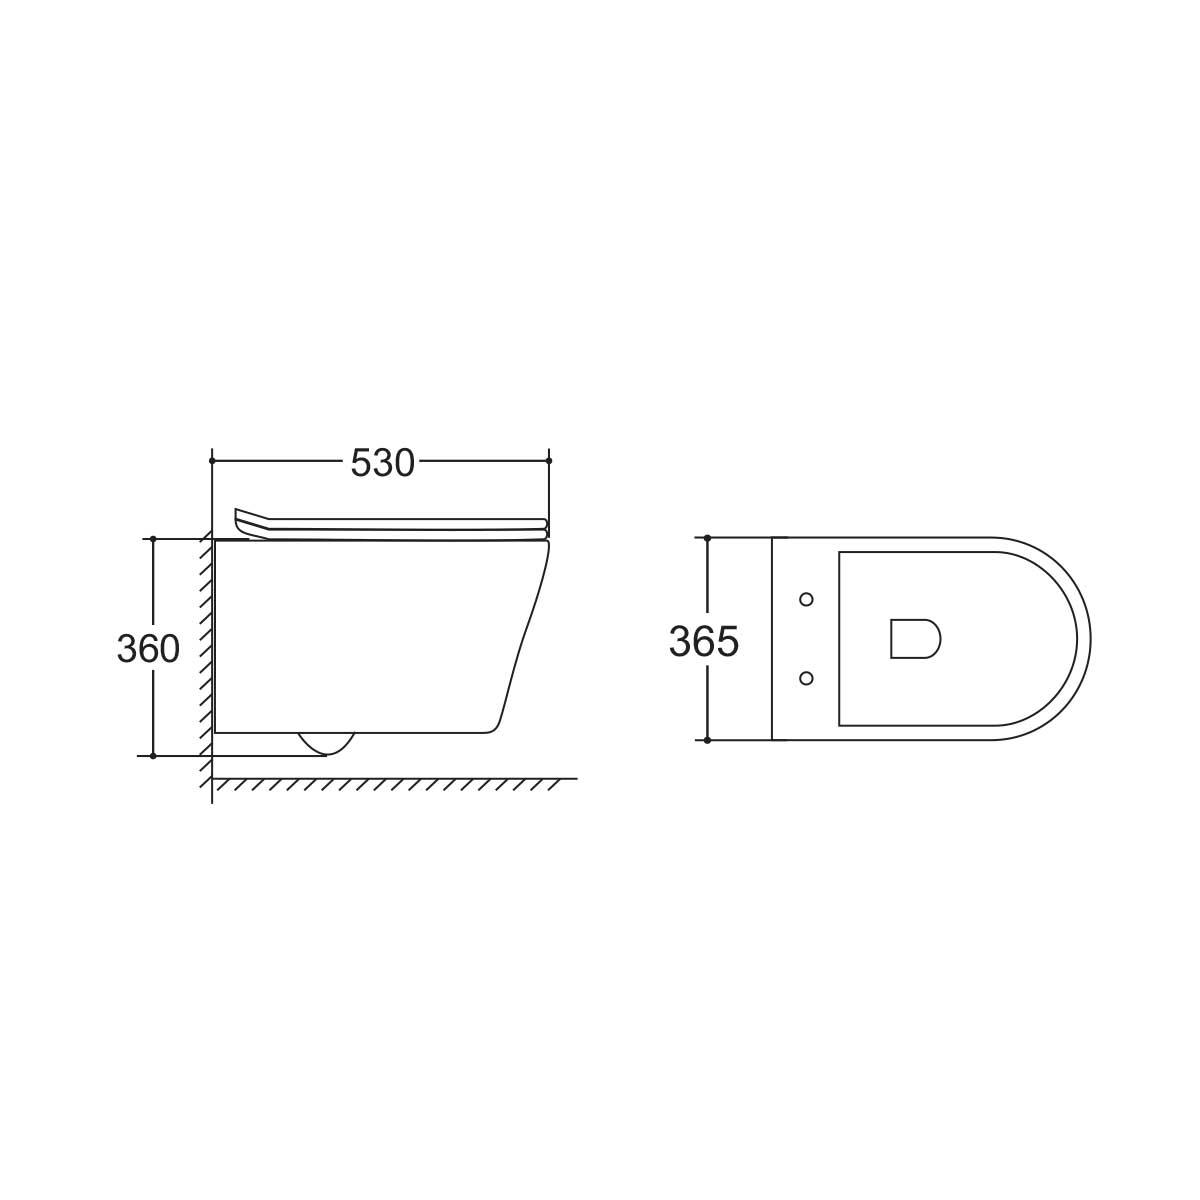 Унитаз подвесной Vito VT1-23 безободковый, ультратонкое soft-close сиденье